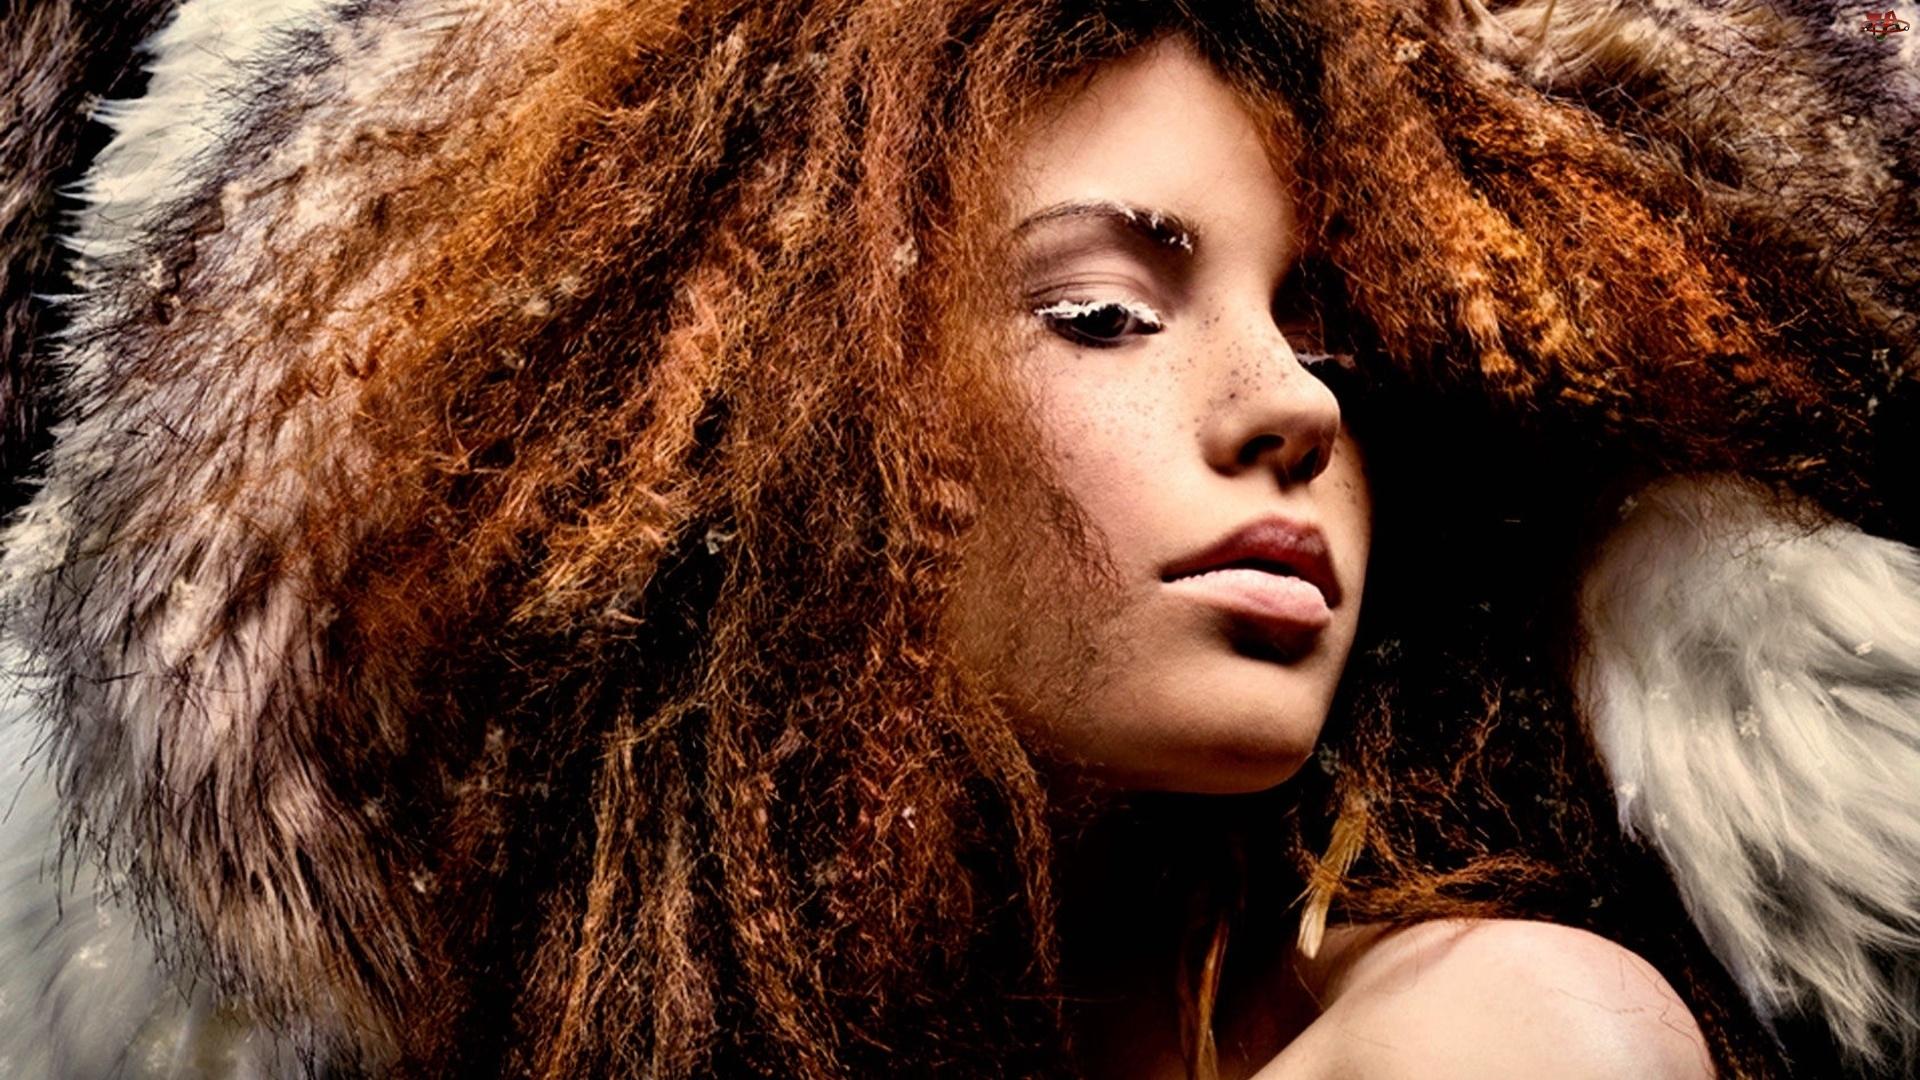 Włosy, Kobieta, Gęste